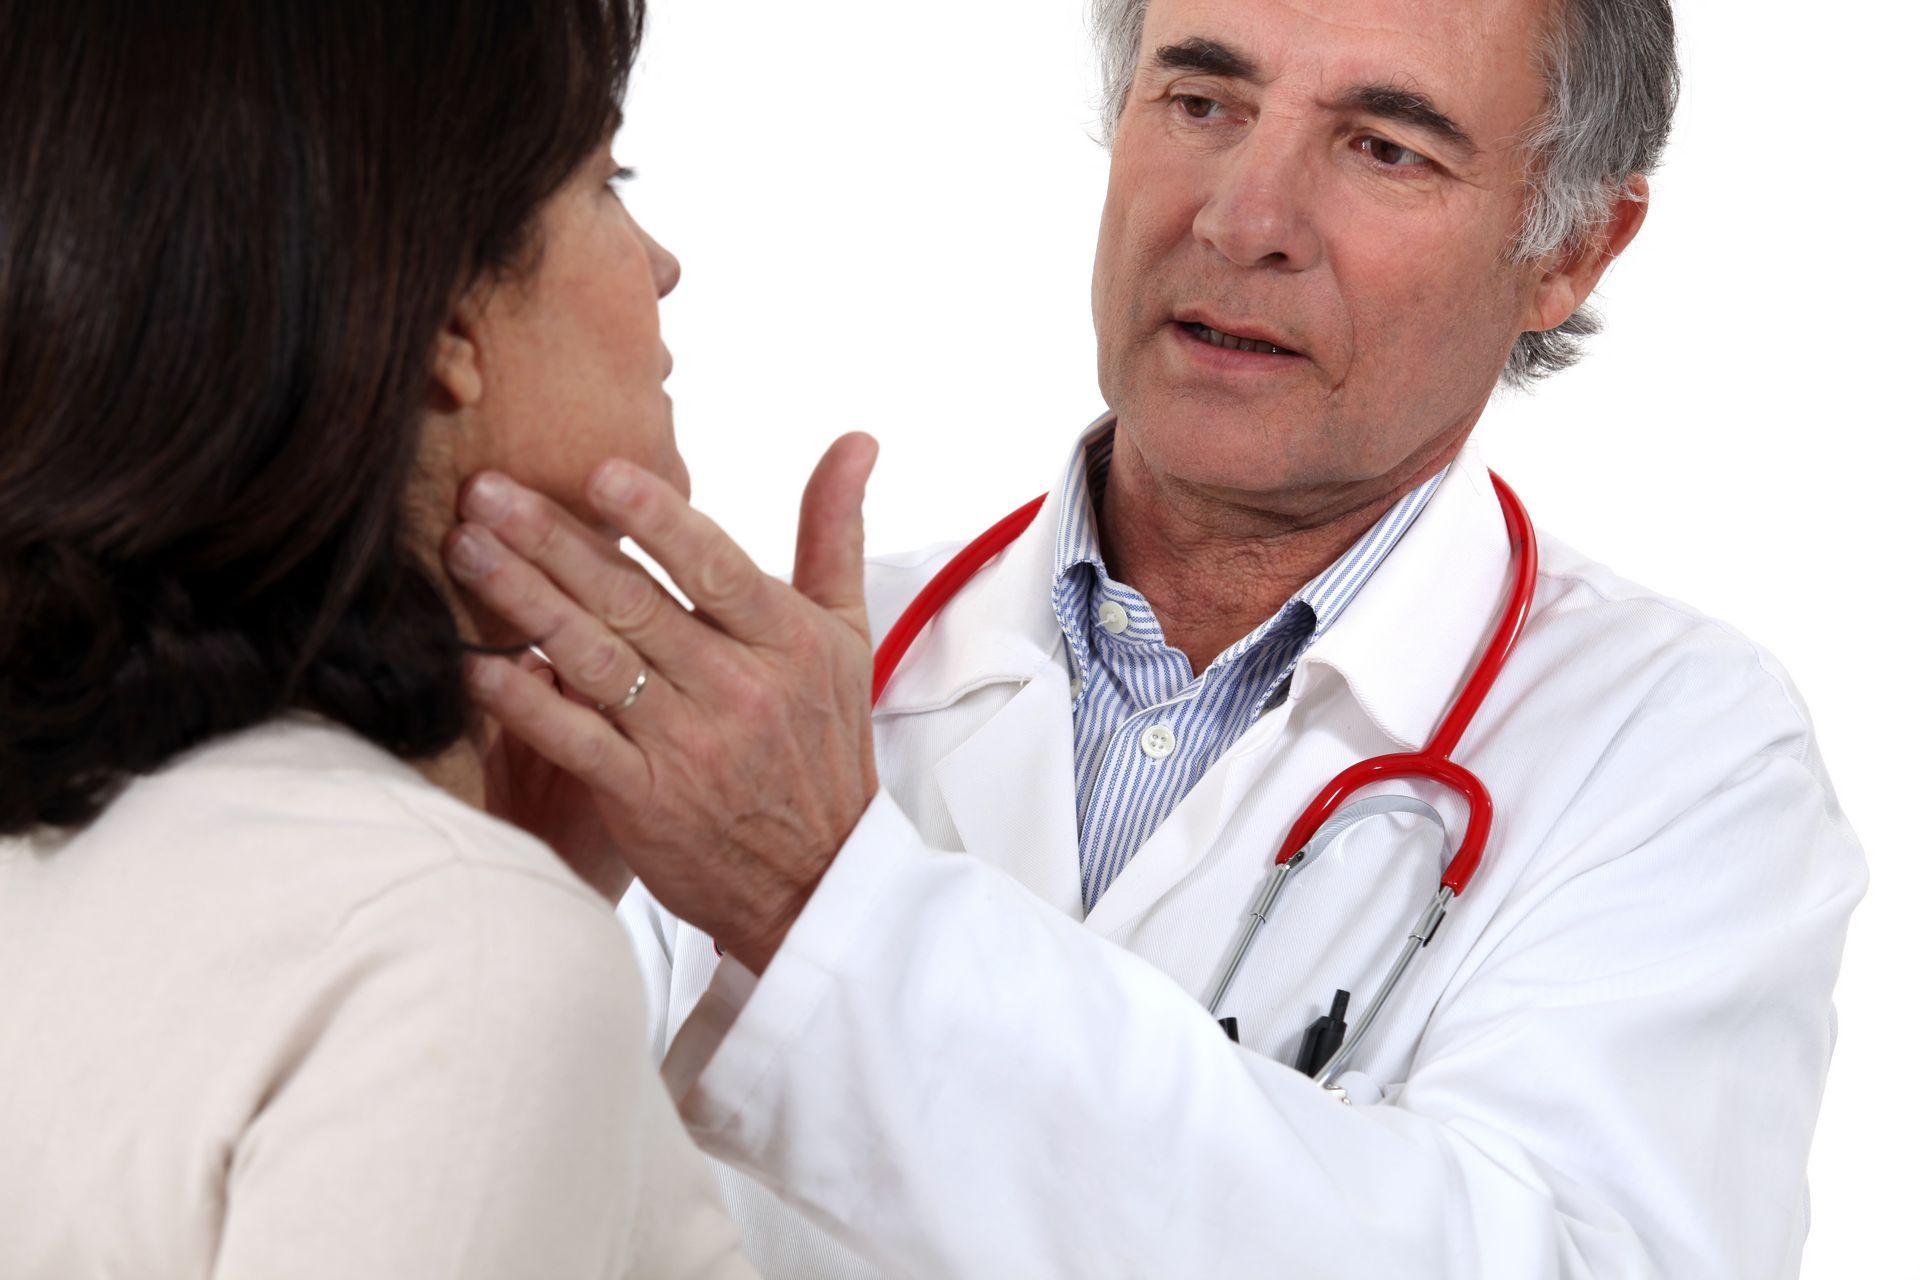 Суха кашлица, ако е упорита и не отминава - медицински преглед.